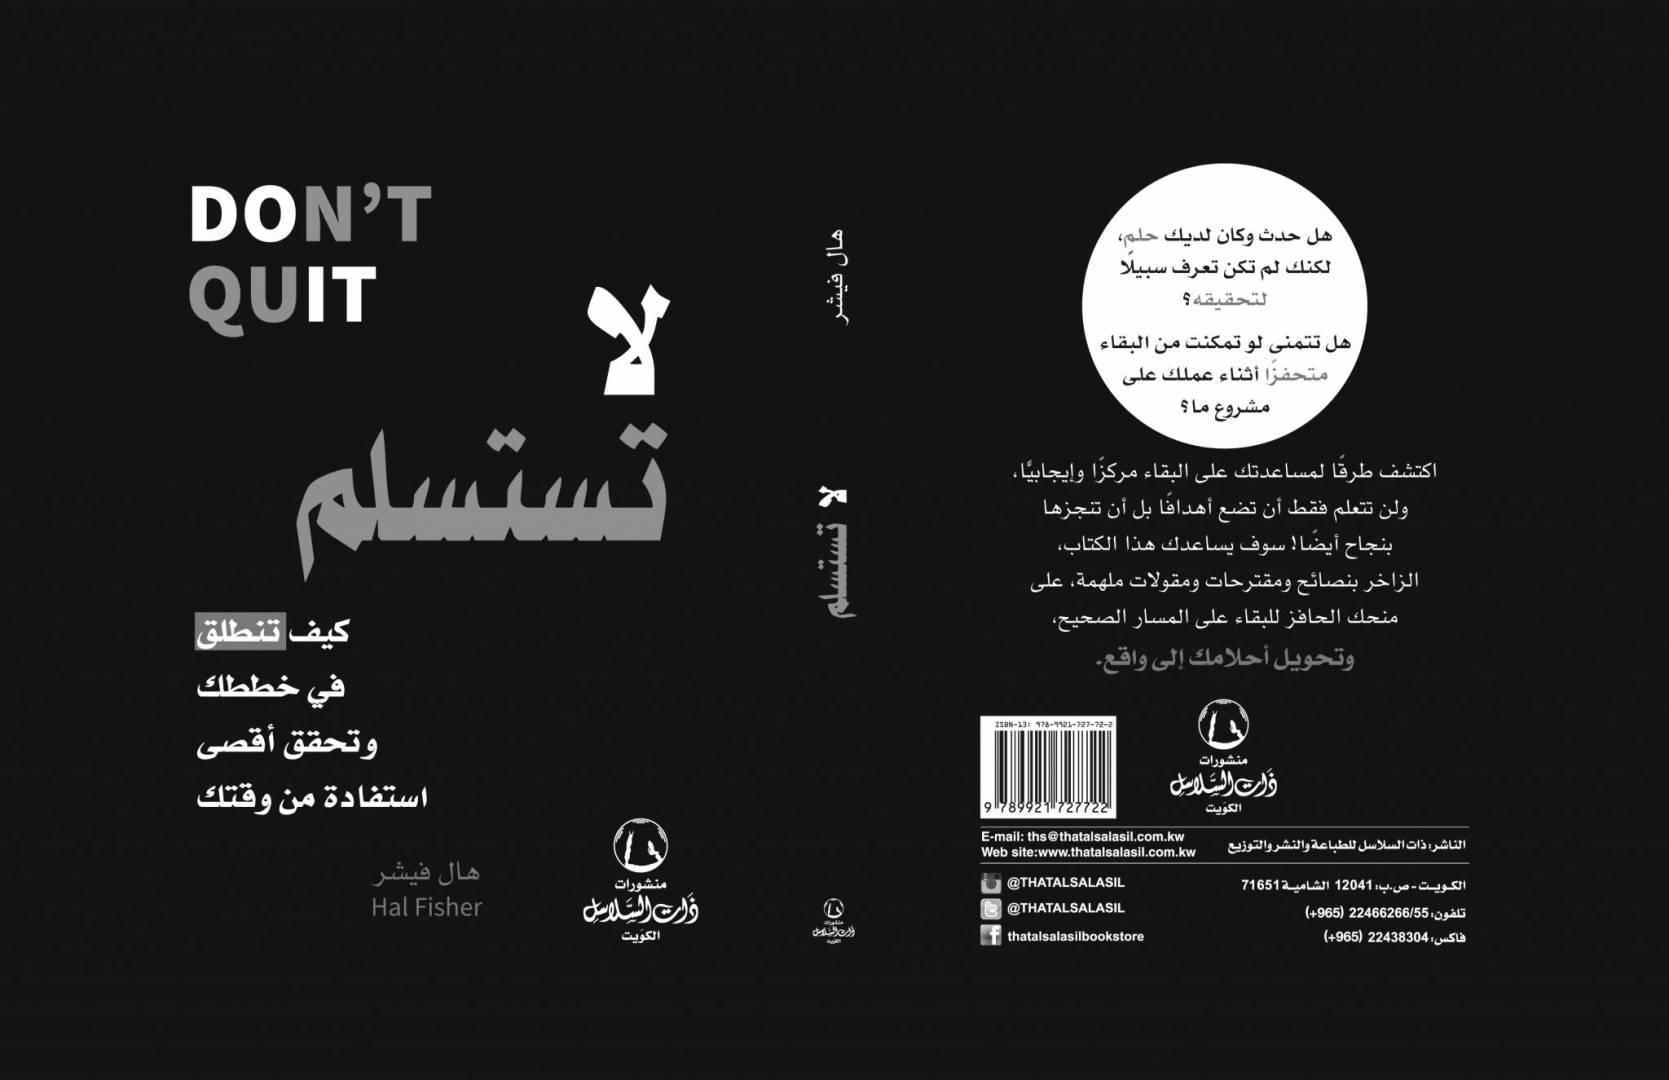 غلاف كتاب «لا تستسلم»